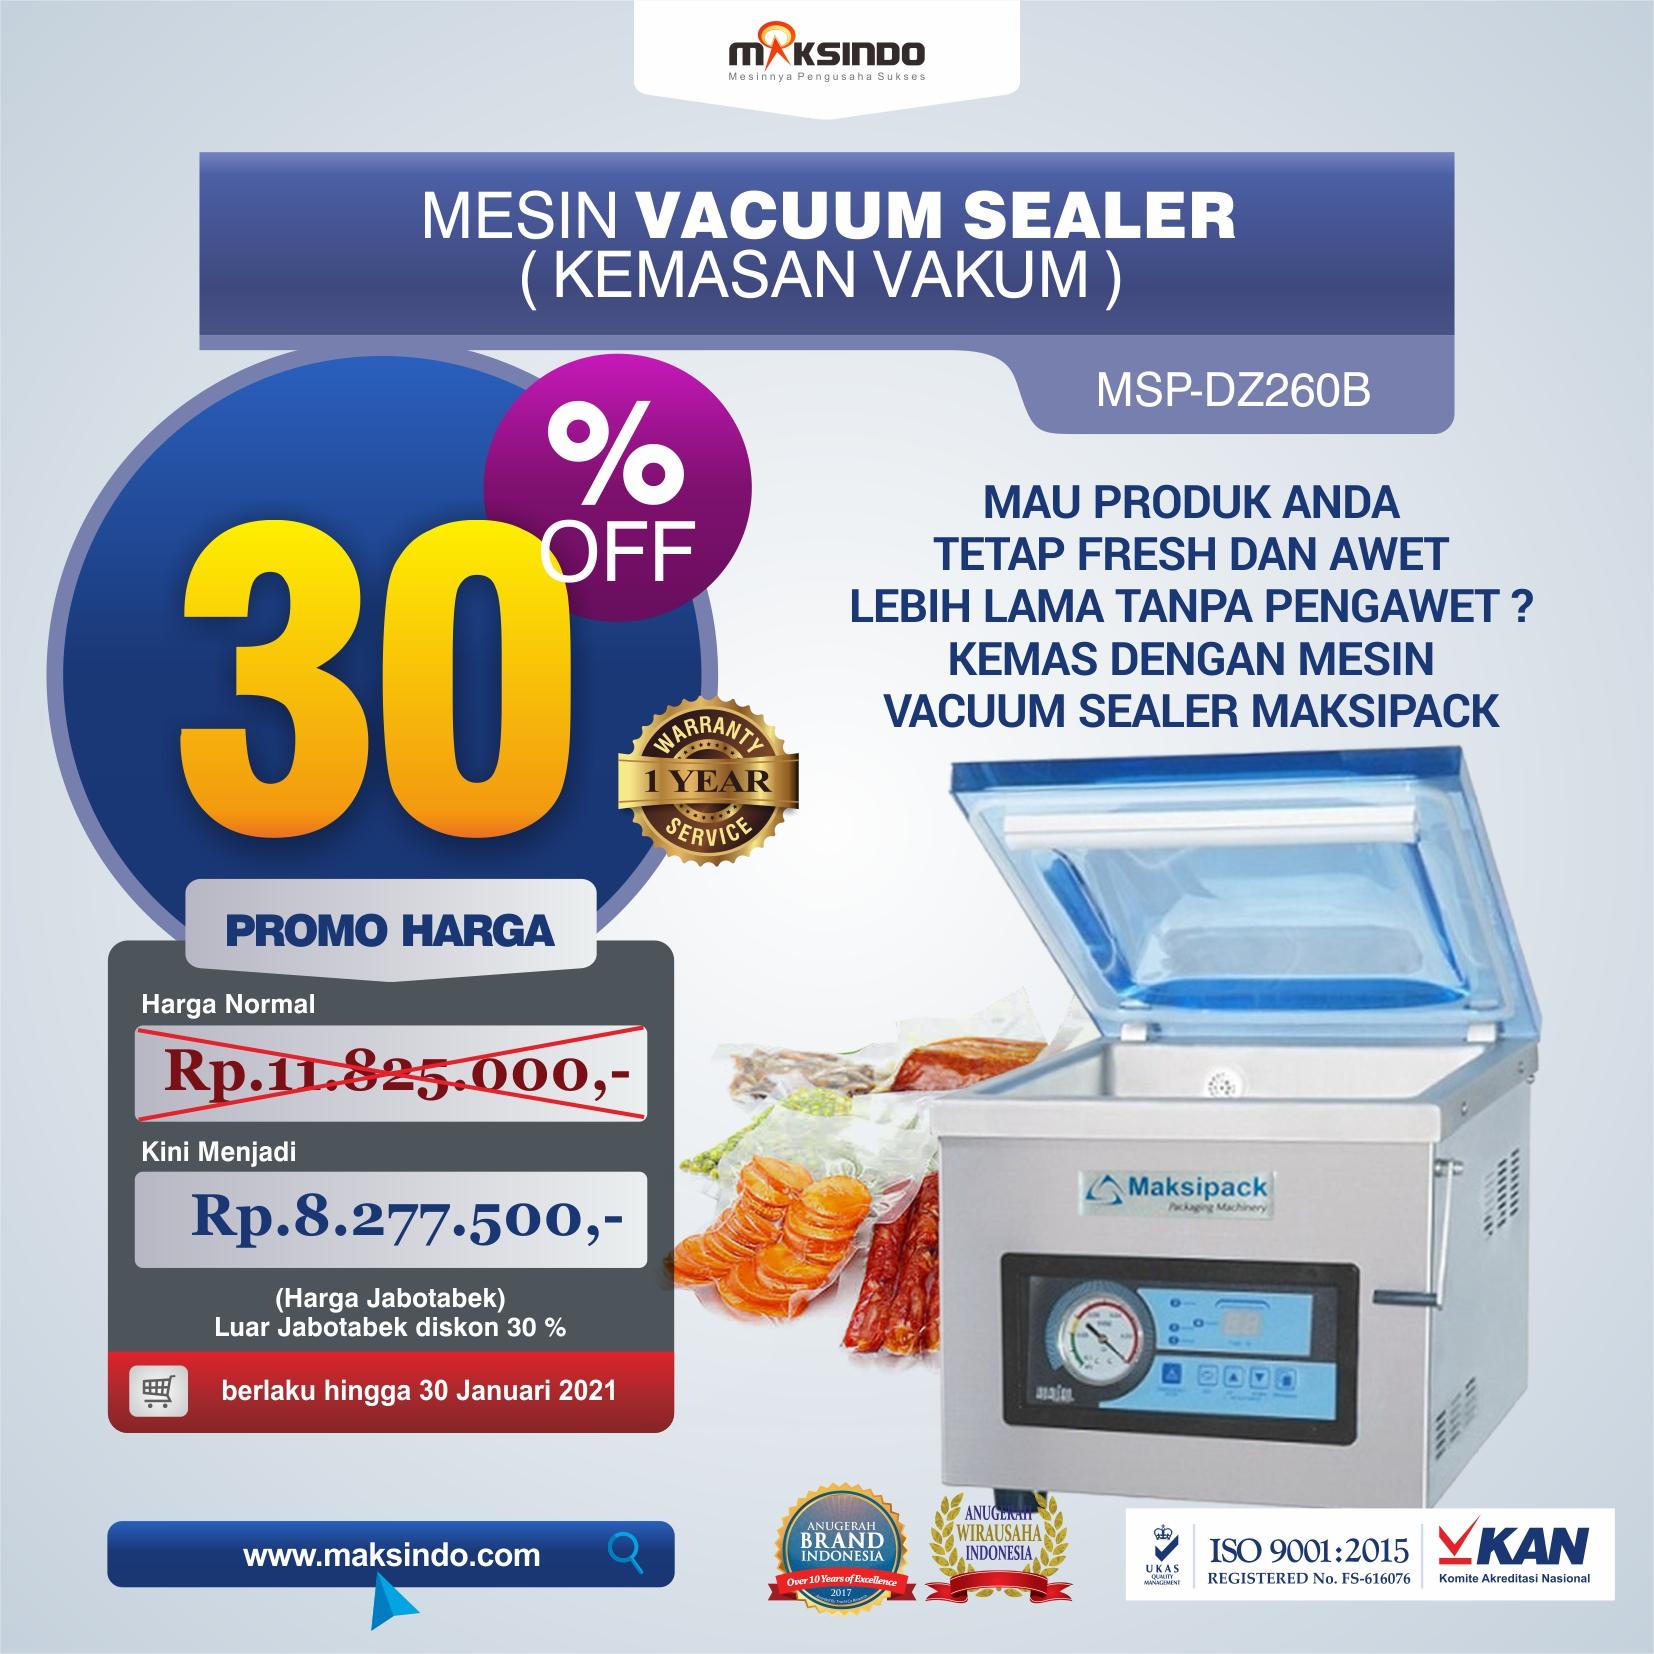 Jual Mesin Vacuum Sealer Singgle Seal MSP-DZ260B di Medan